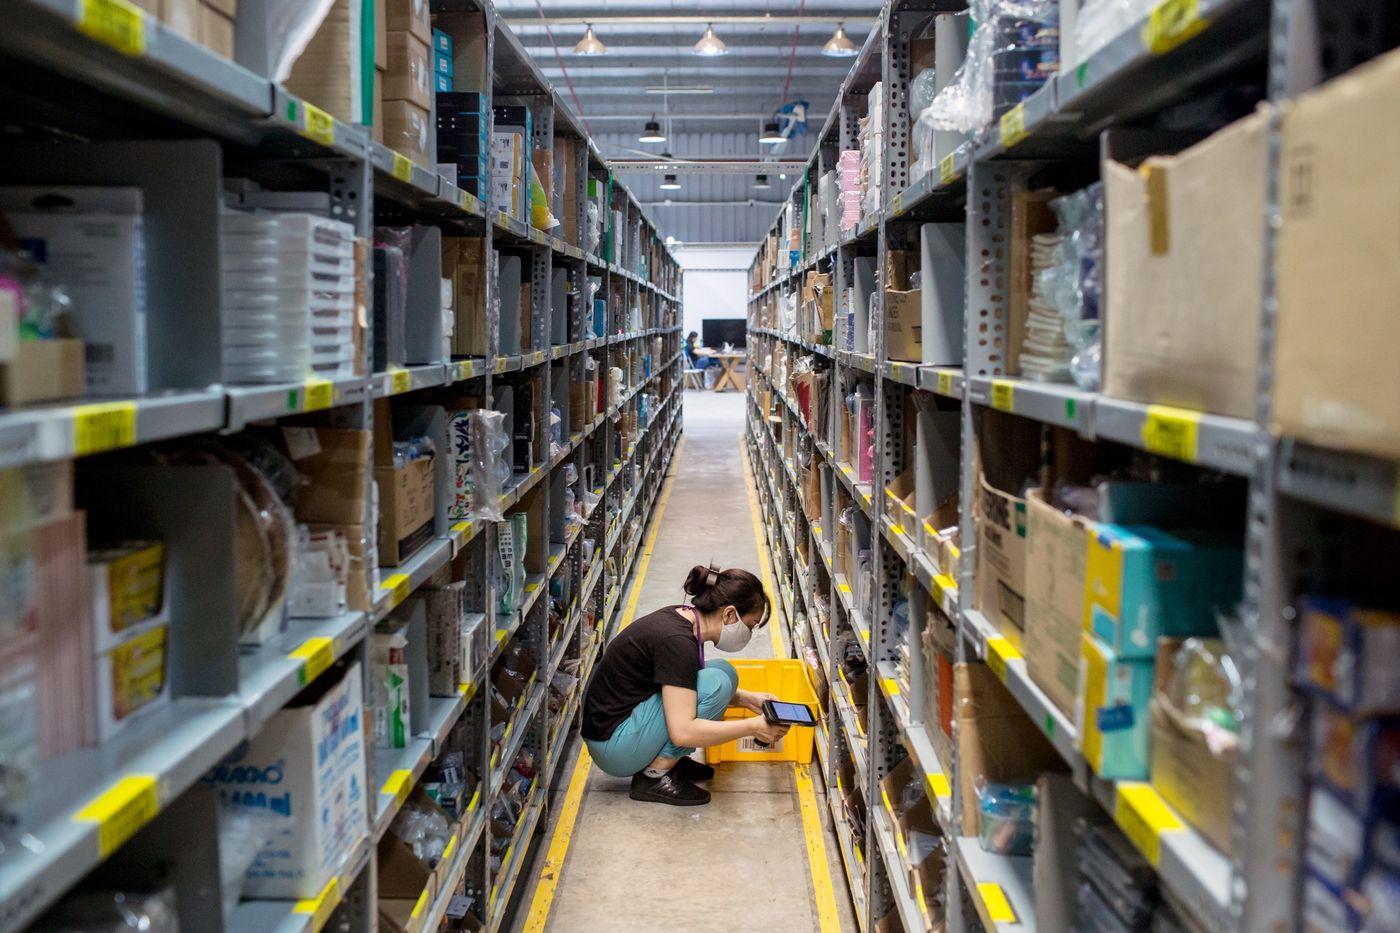 Nhân viên quét dọn và kiểm tra các mặt hàng trên kệ. Ảnh: Yến Dương/Bloomberg.